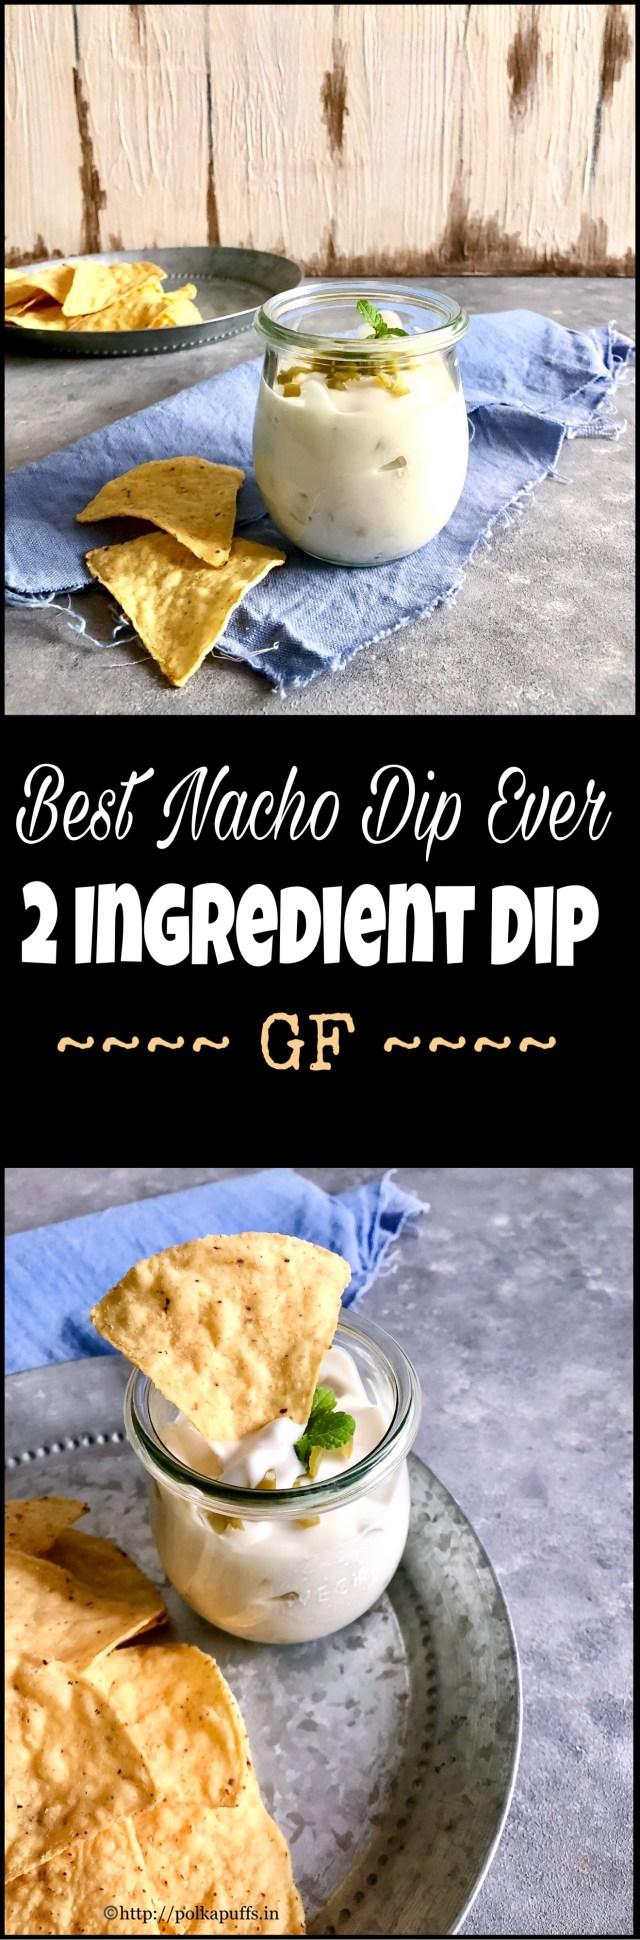 Best Nacho Dip Ever | 2 Ingredient Dip